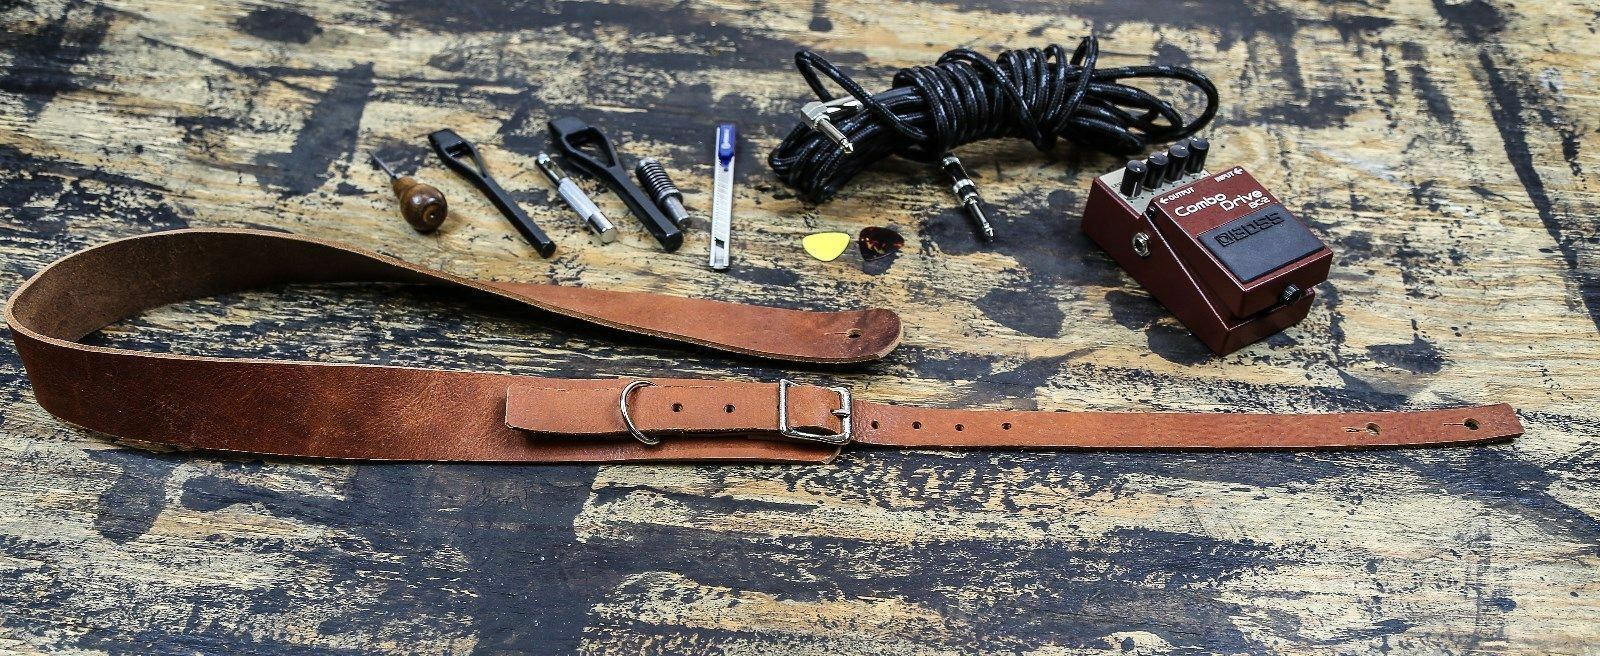 Extra Larga Correa Correa Correa de Guitarra 58  -68  Cuero Genuino Silla De Montar Bronceado 1 3 4  con Hebilla d79c0c